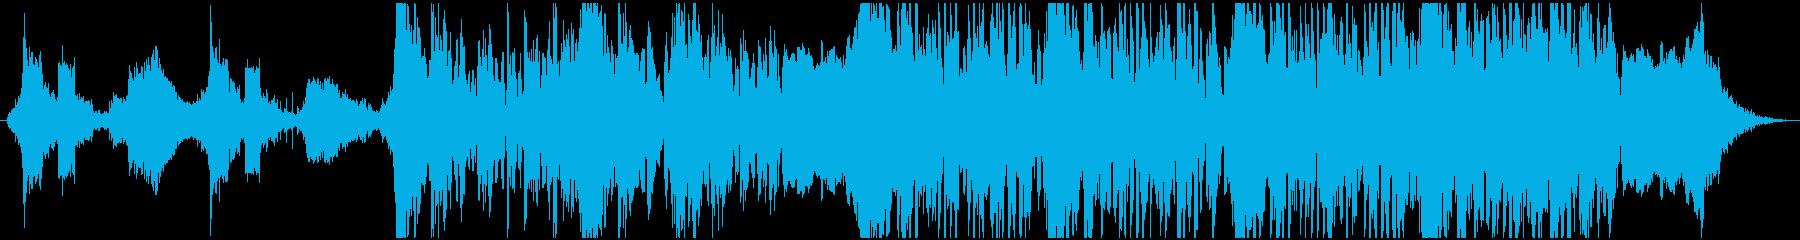 現代のハイブリッドSFトレーラーの再生済みの波形